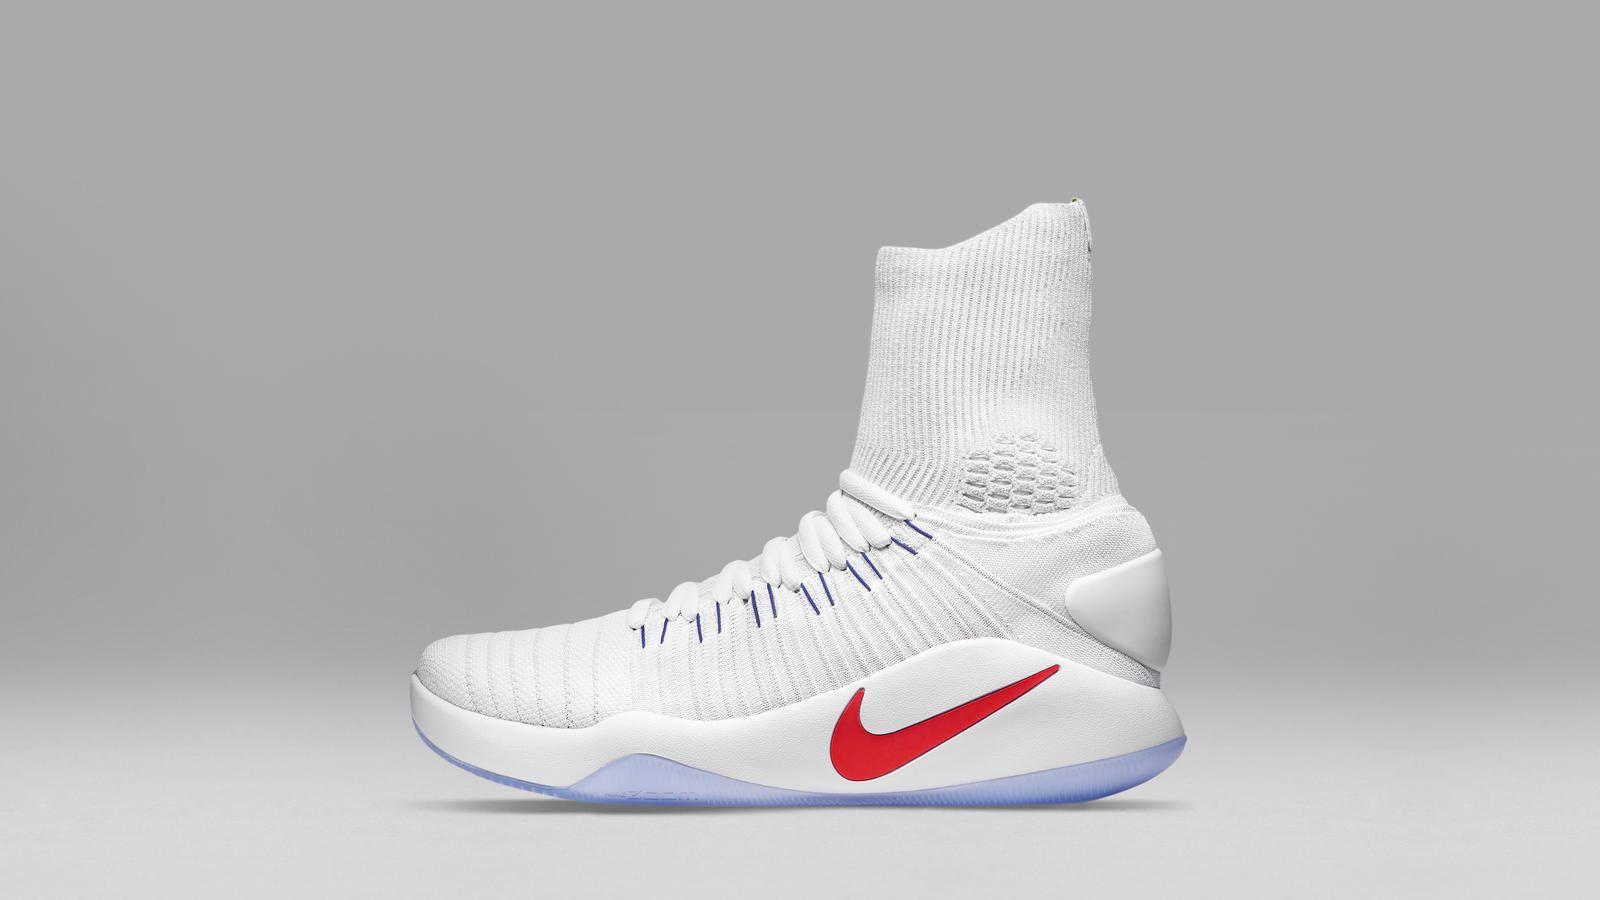 f06d16736ffe Combining an ultra-high Nike Flyknit upper with an enhanced